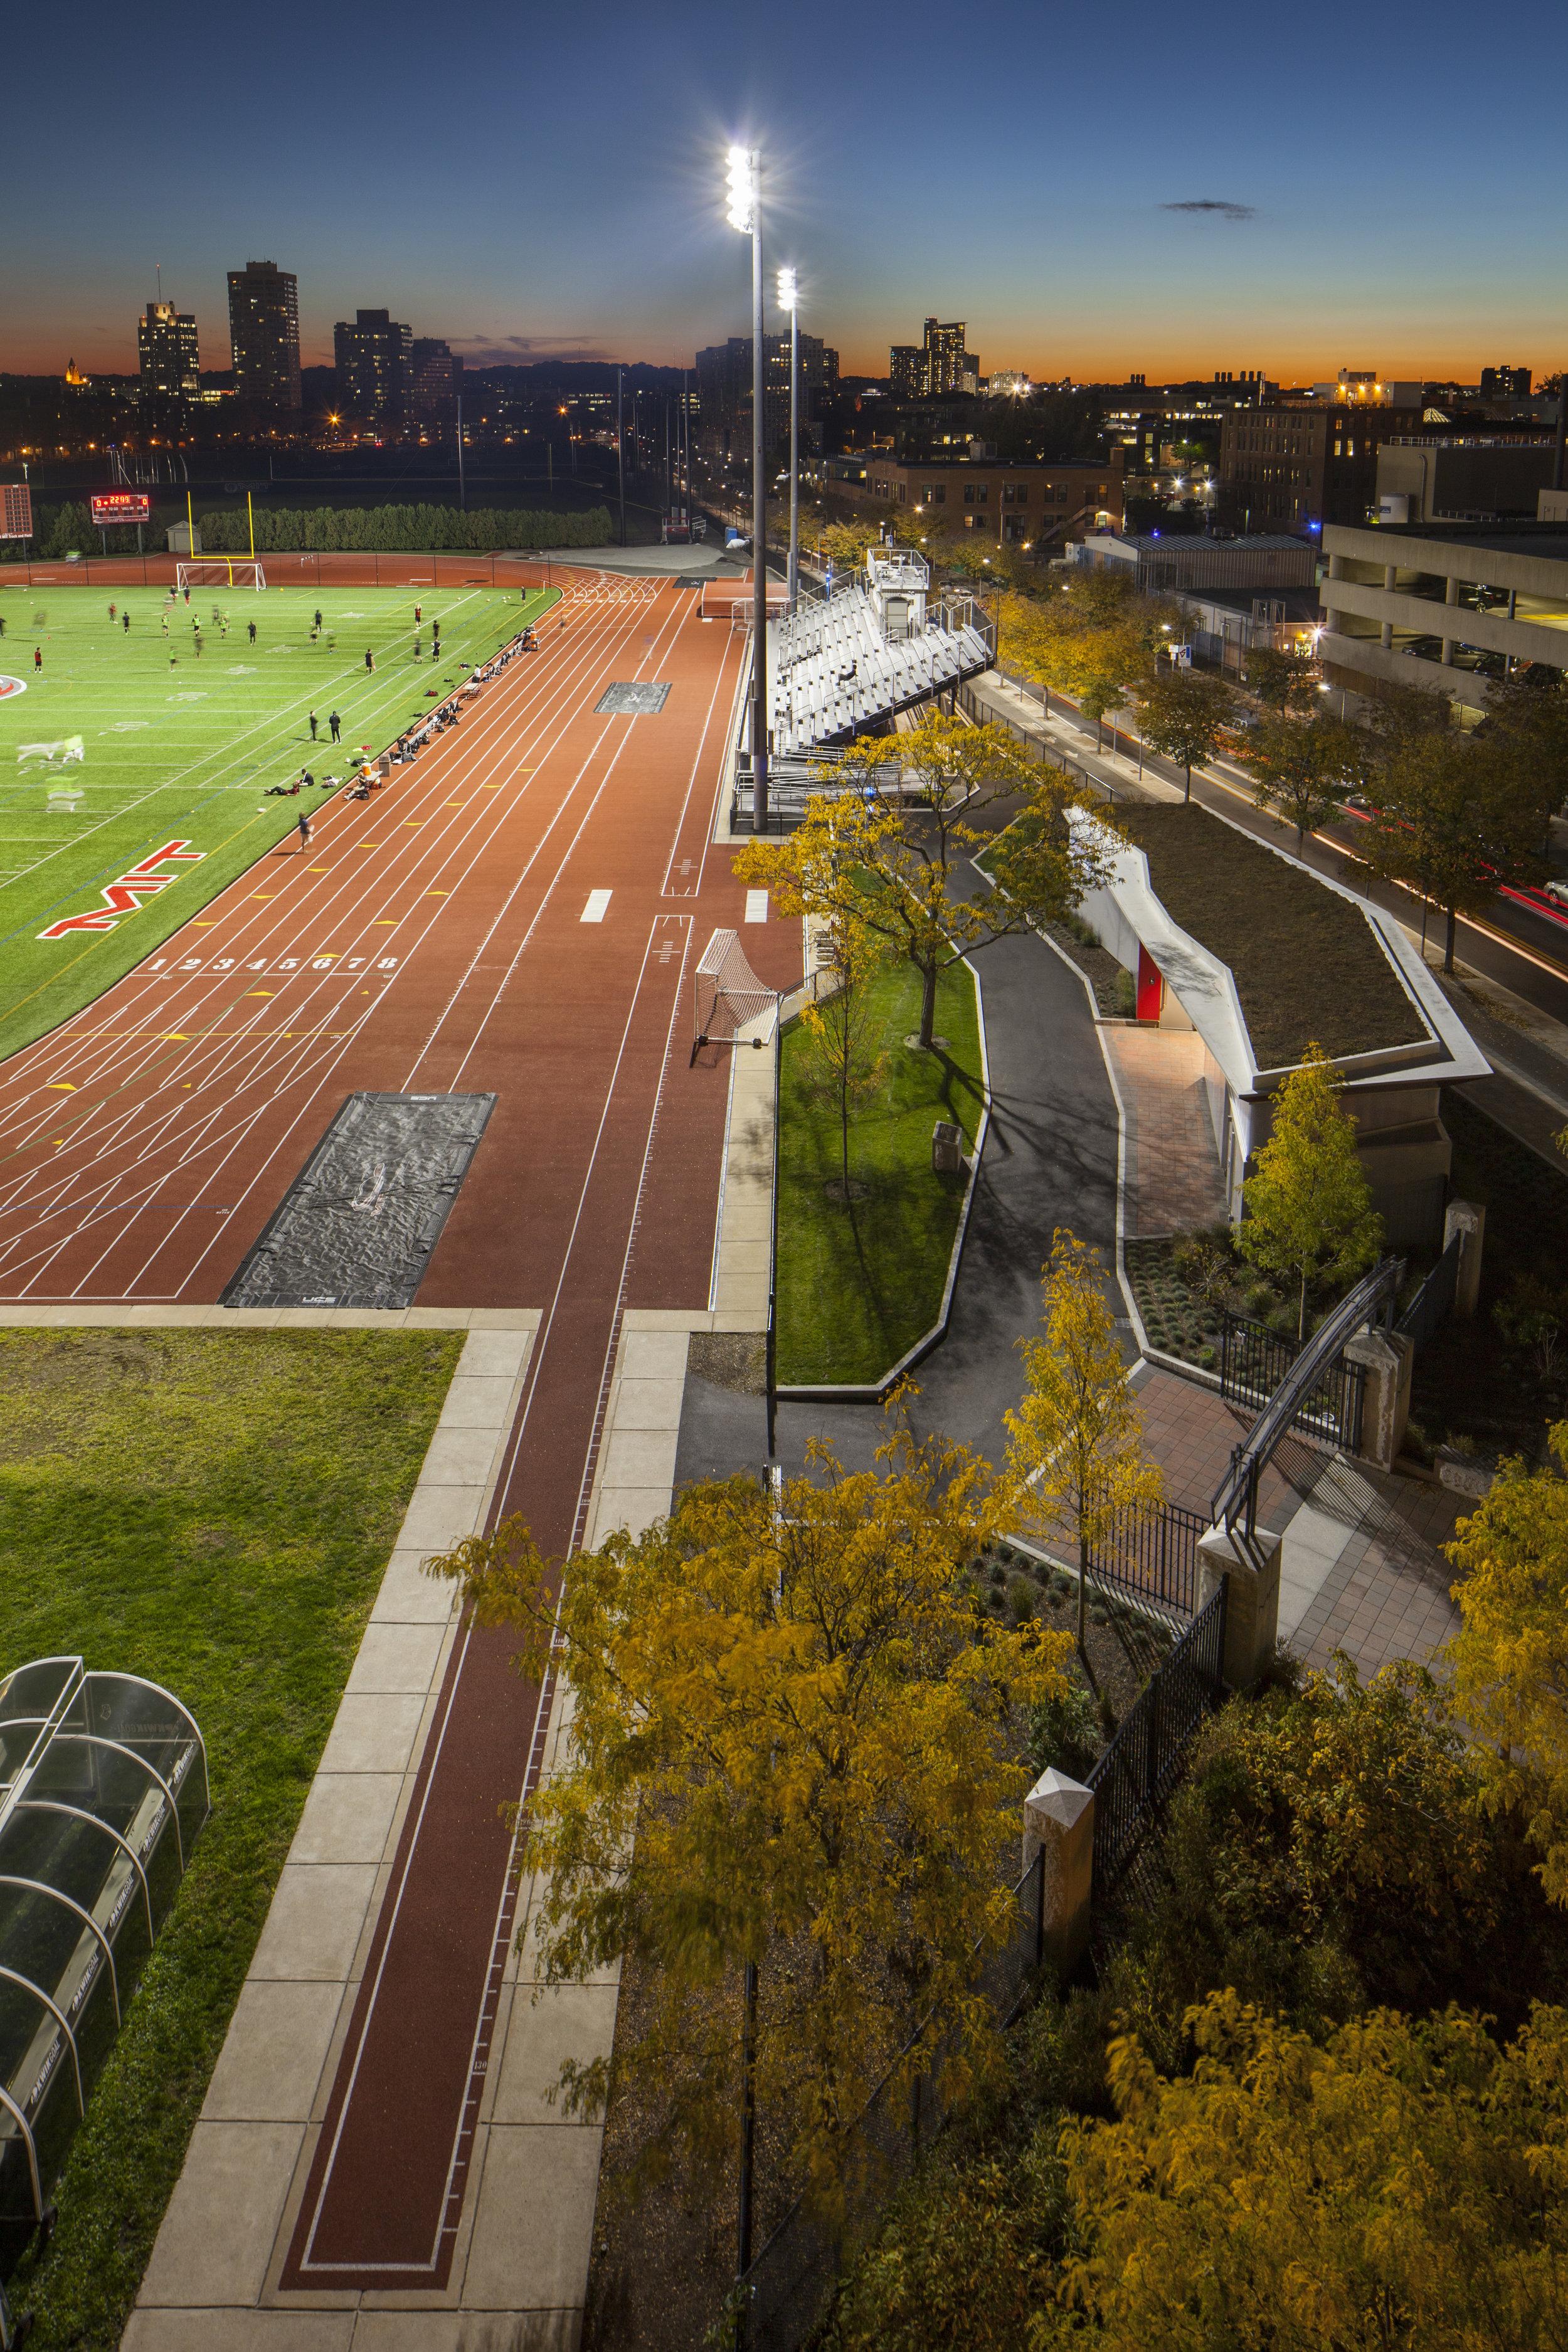 MIT Vassar Street Athletic Complex, Cambridge MA - Activitas